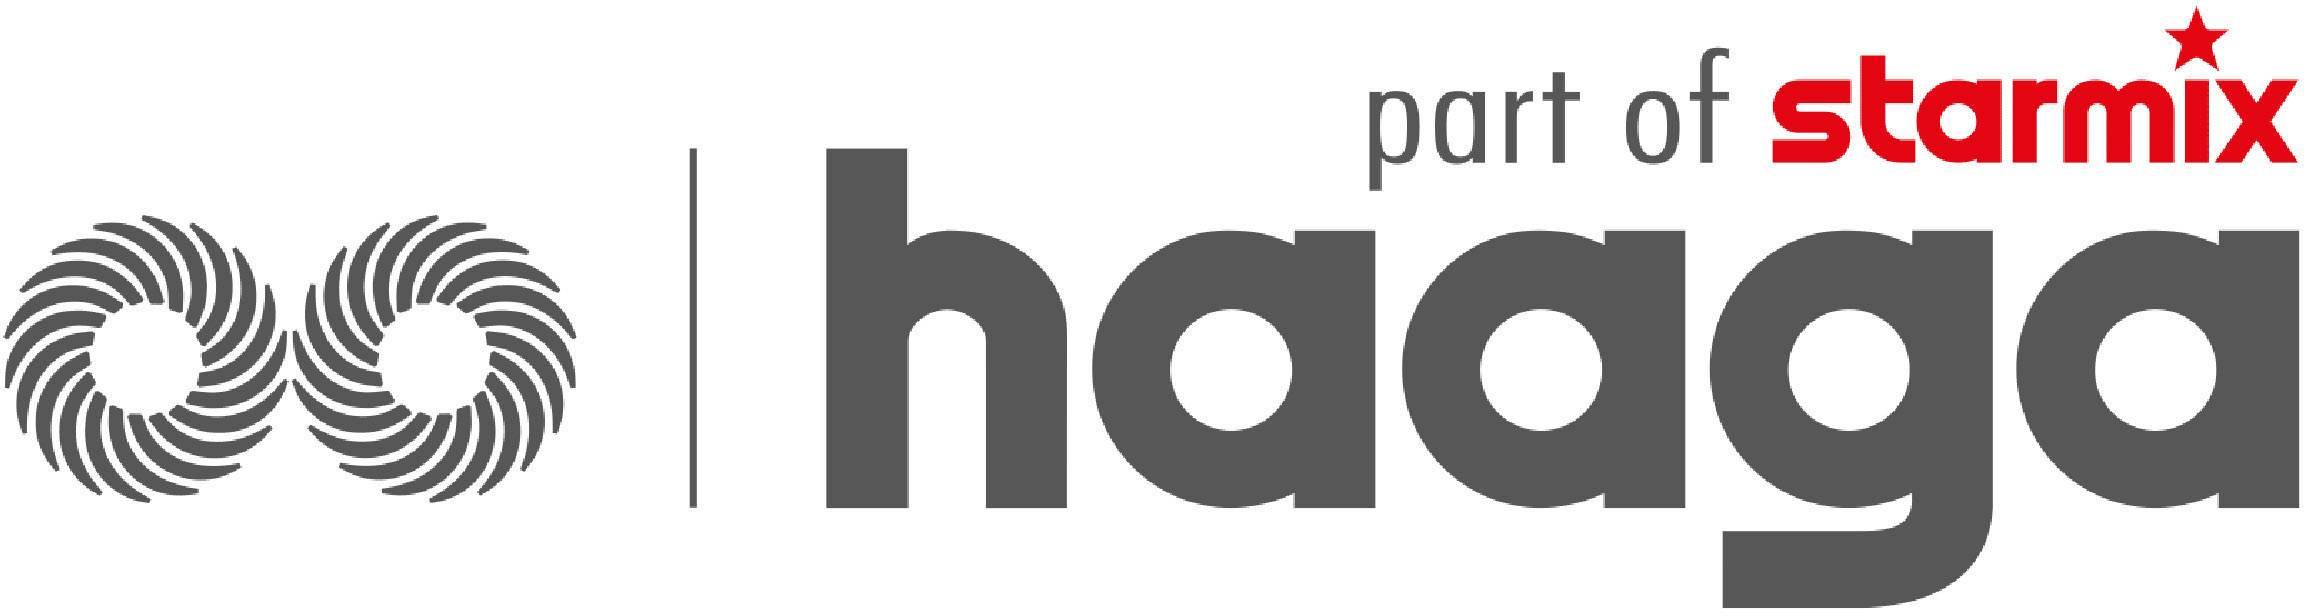 haaga